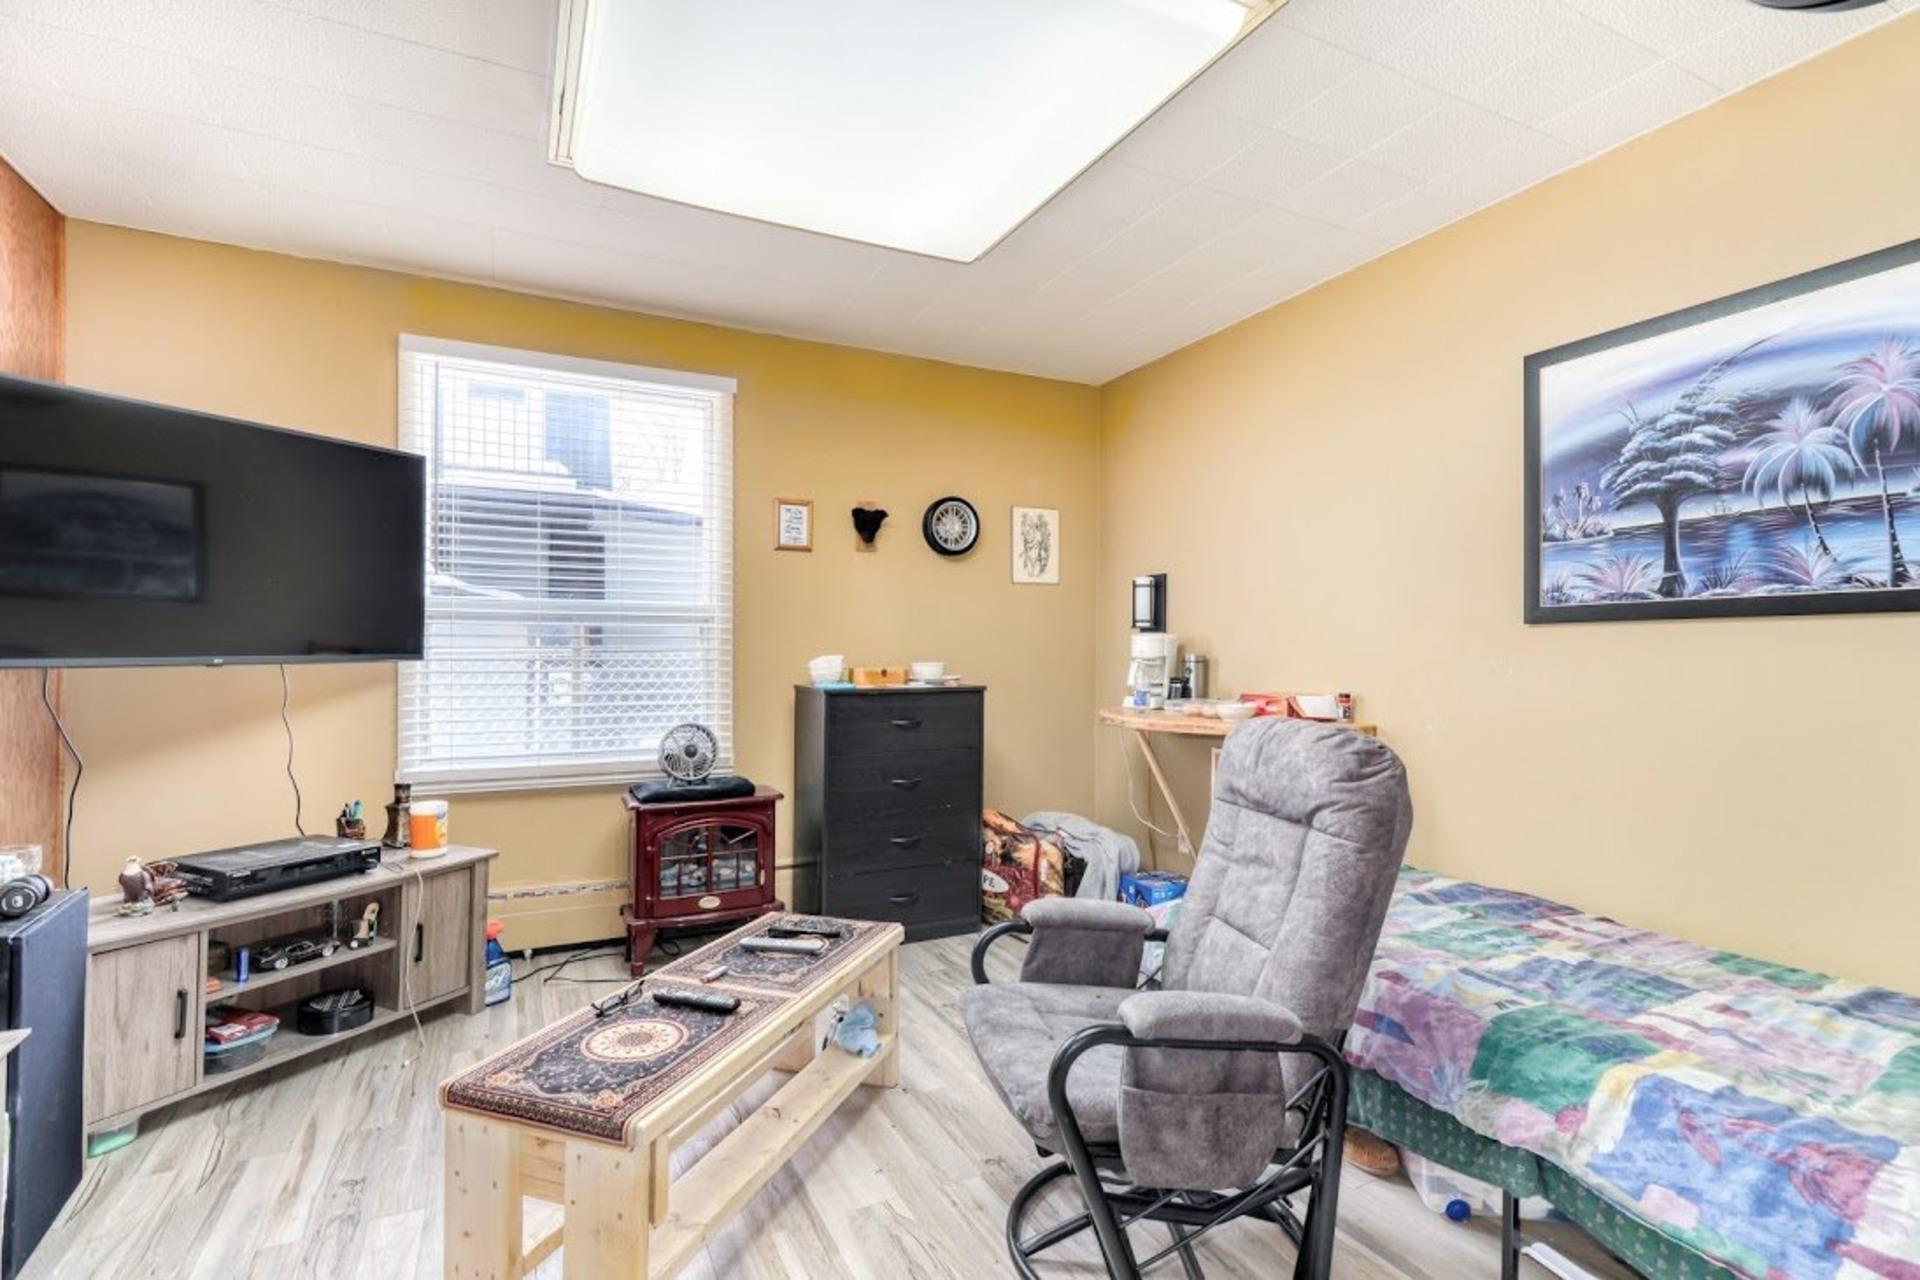 image 5 - House For sale Joliette